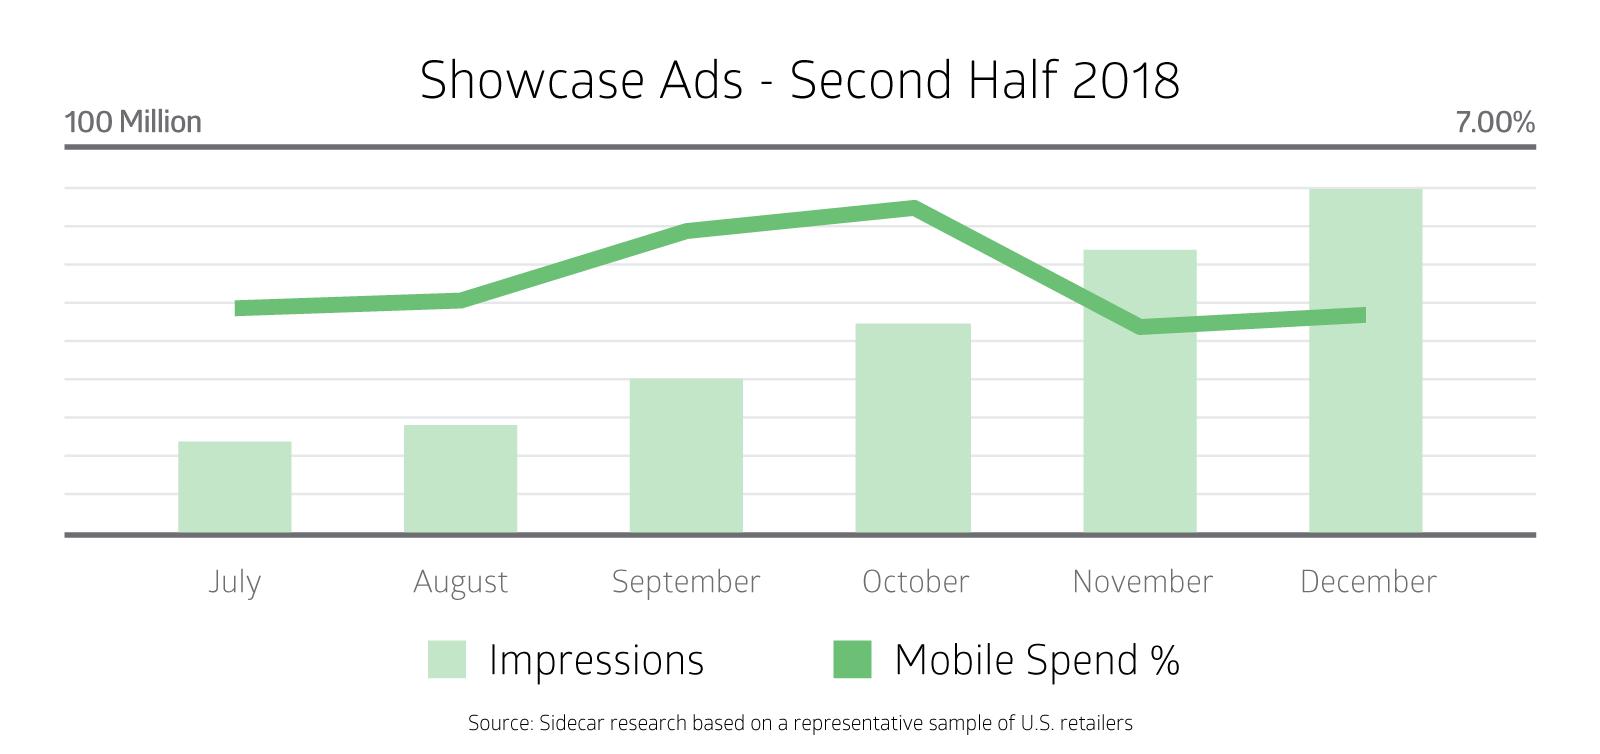 Showcase Shopping Growth